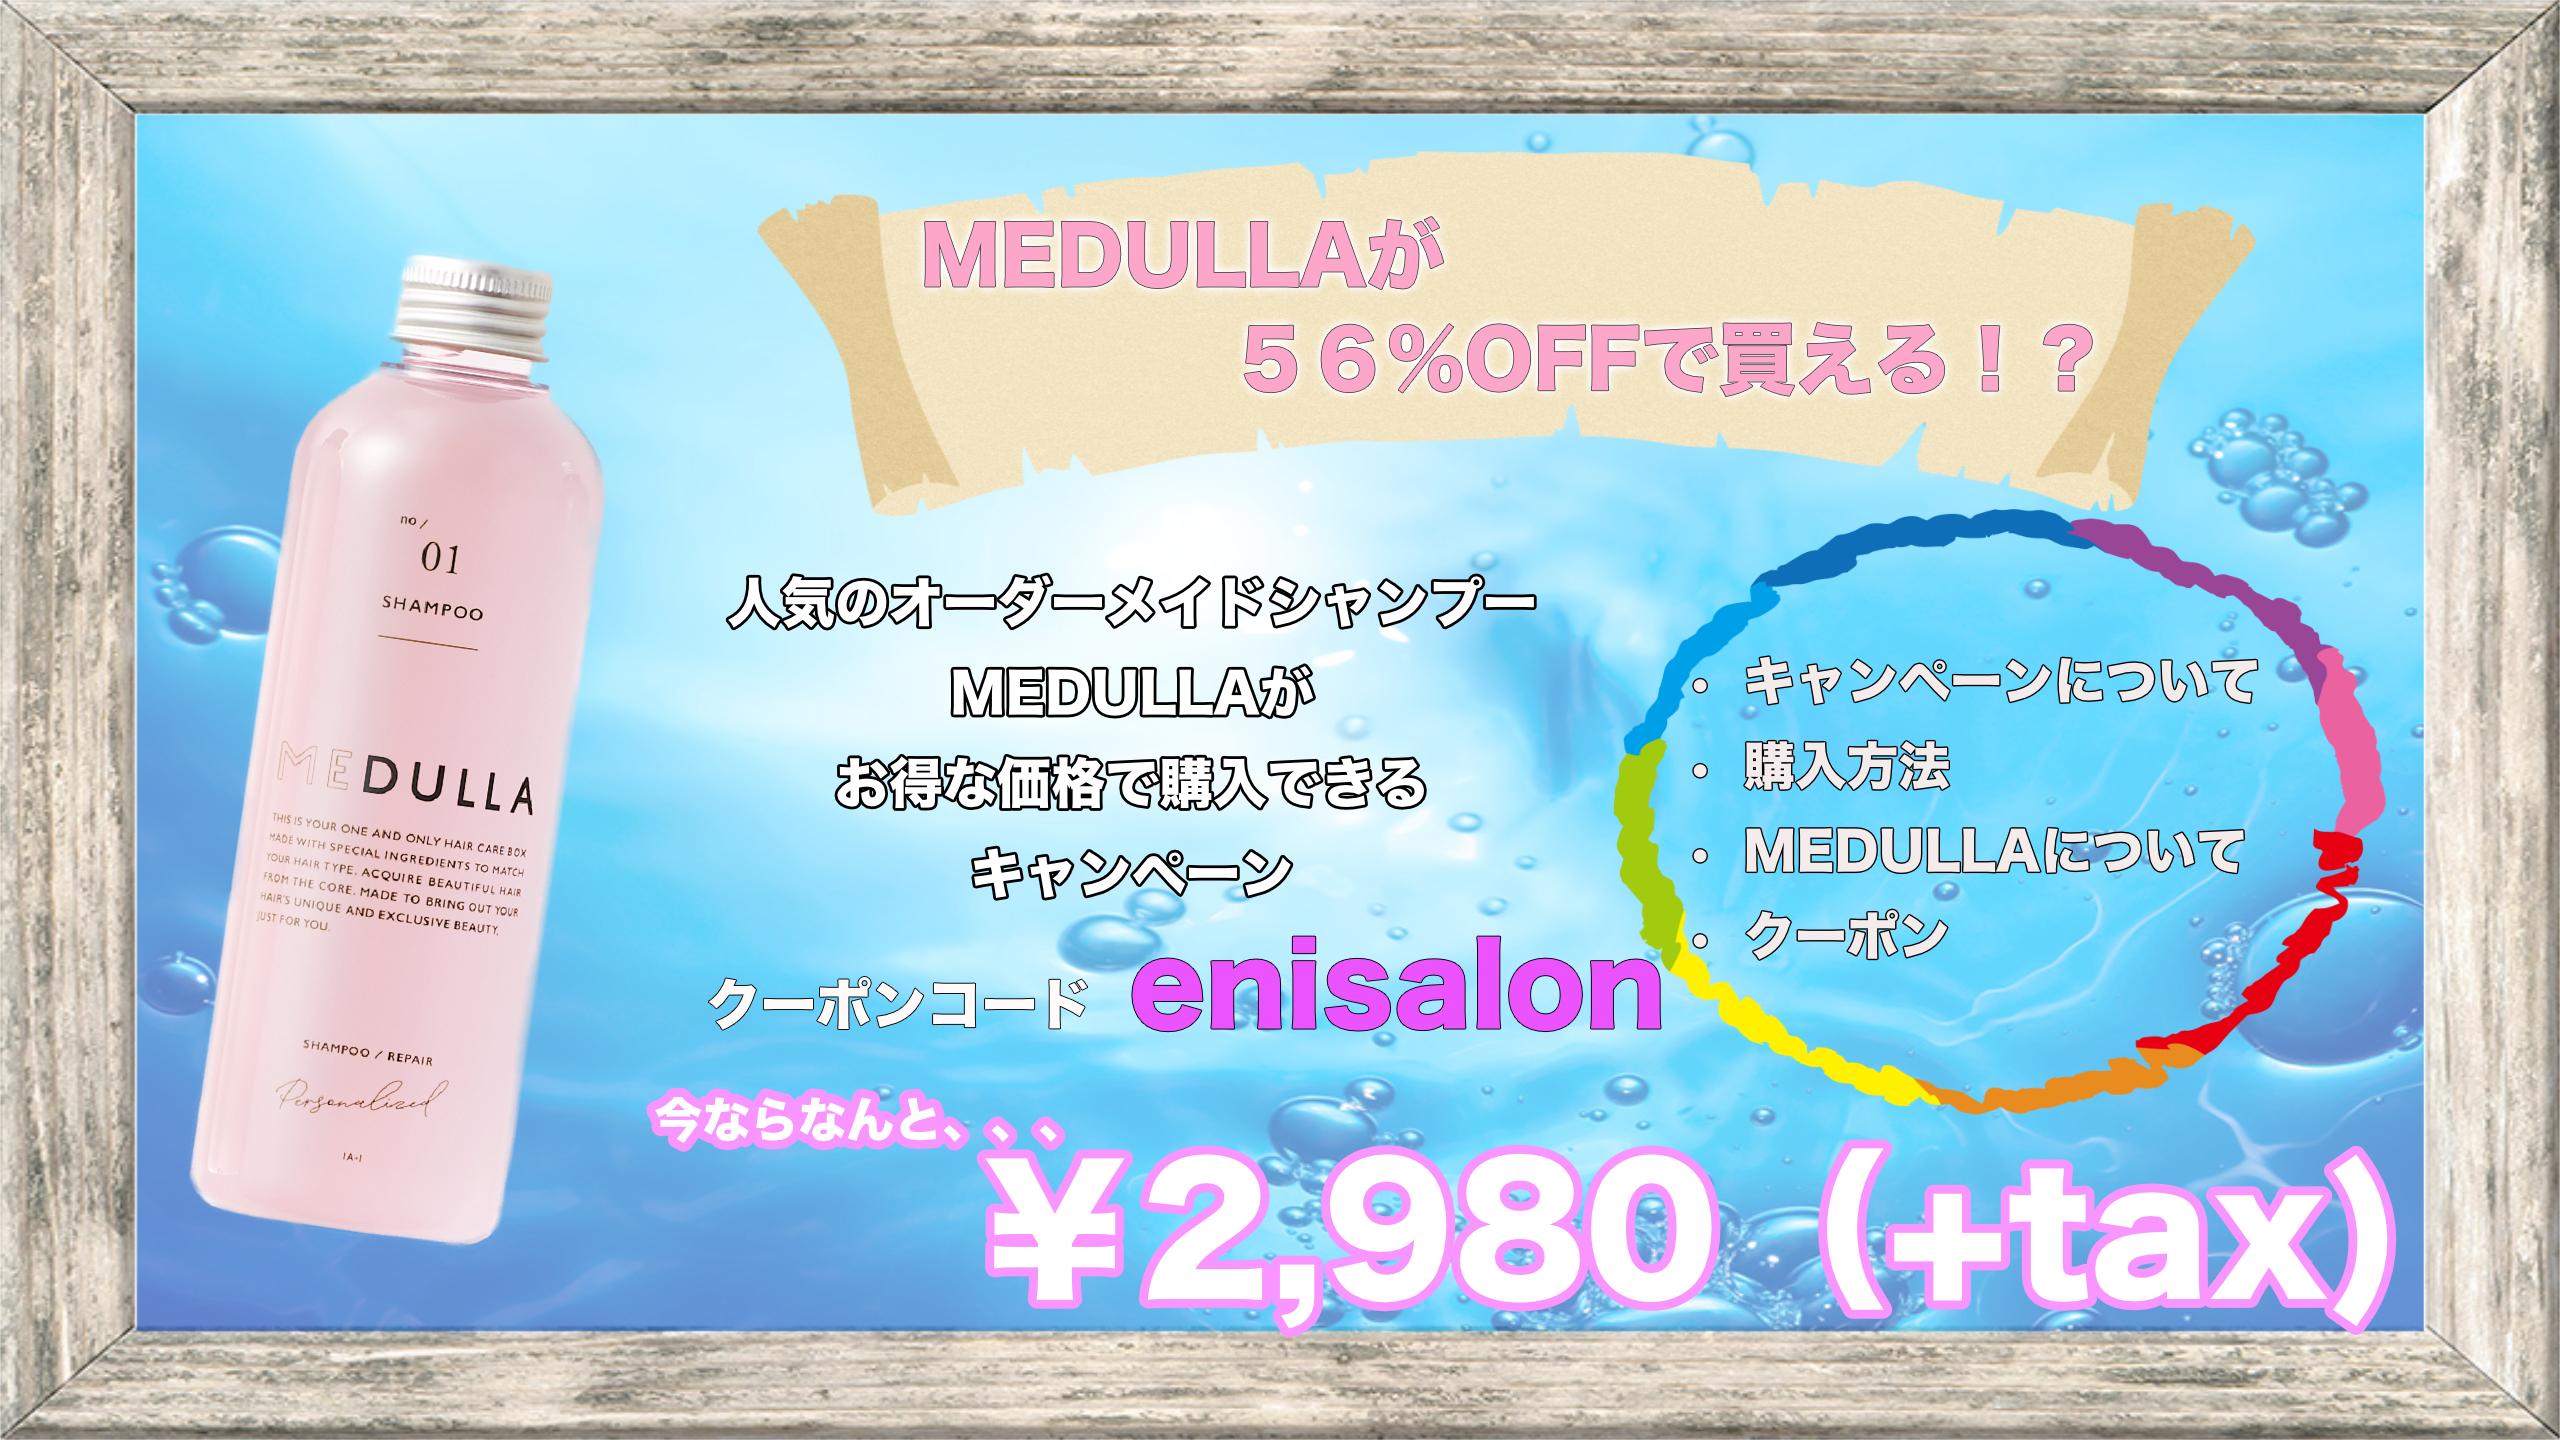 【56%OFF!】MEDULLA(メデュラ)がクーポンコード enisalonで最安値で作れるキャンペーンを開催!